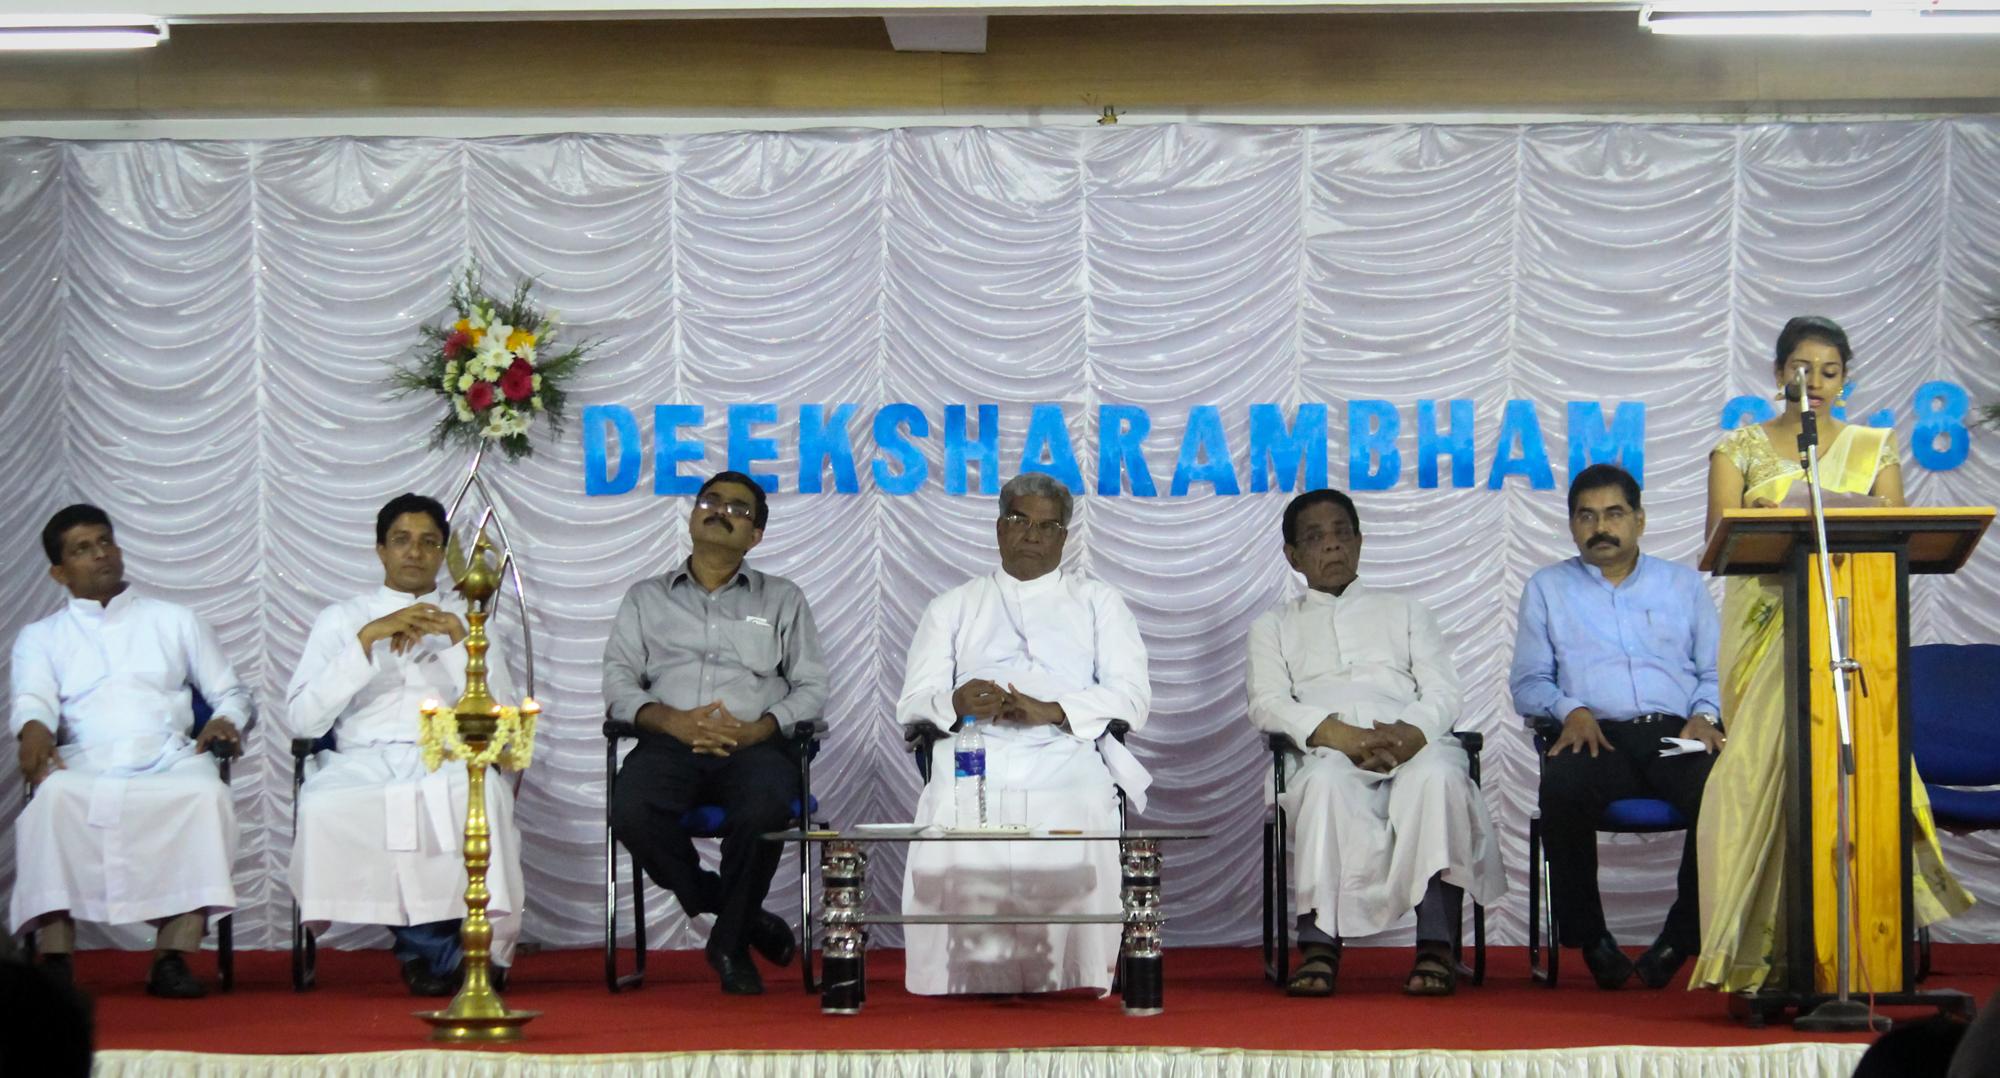 Deeksharambham 2018